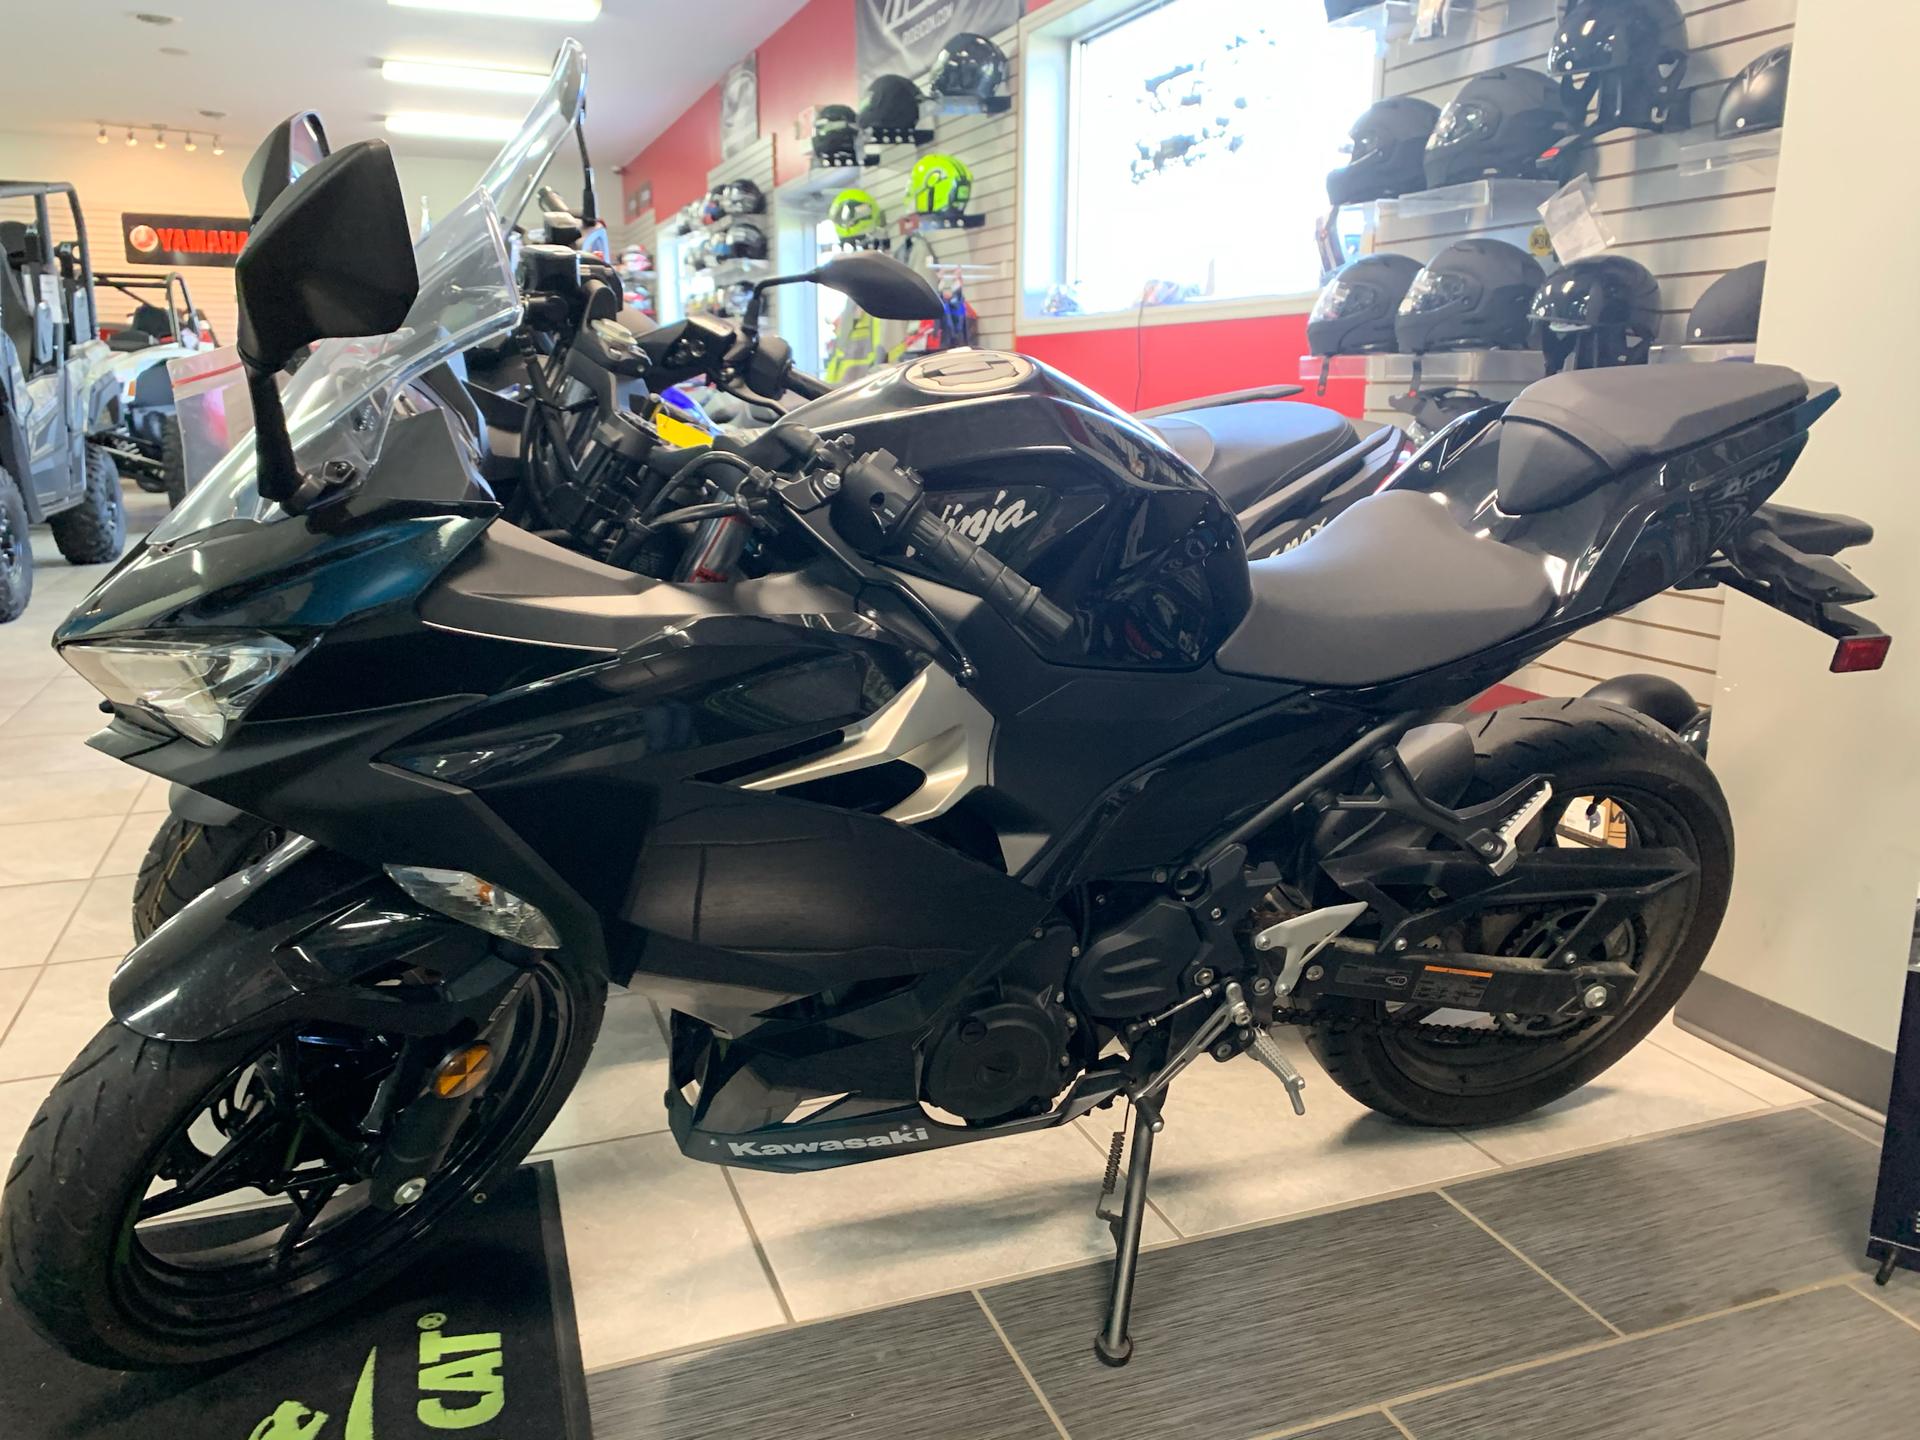 2018 Kawasaki Ninja 400 ABS 1